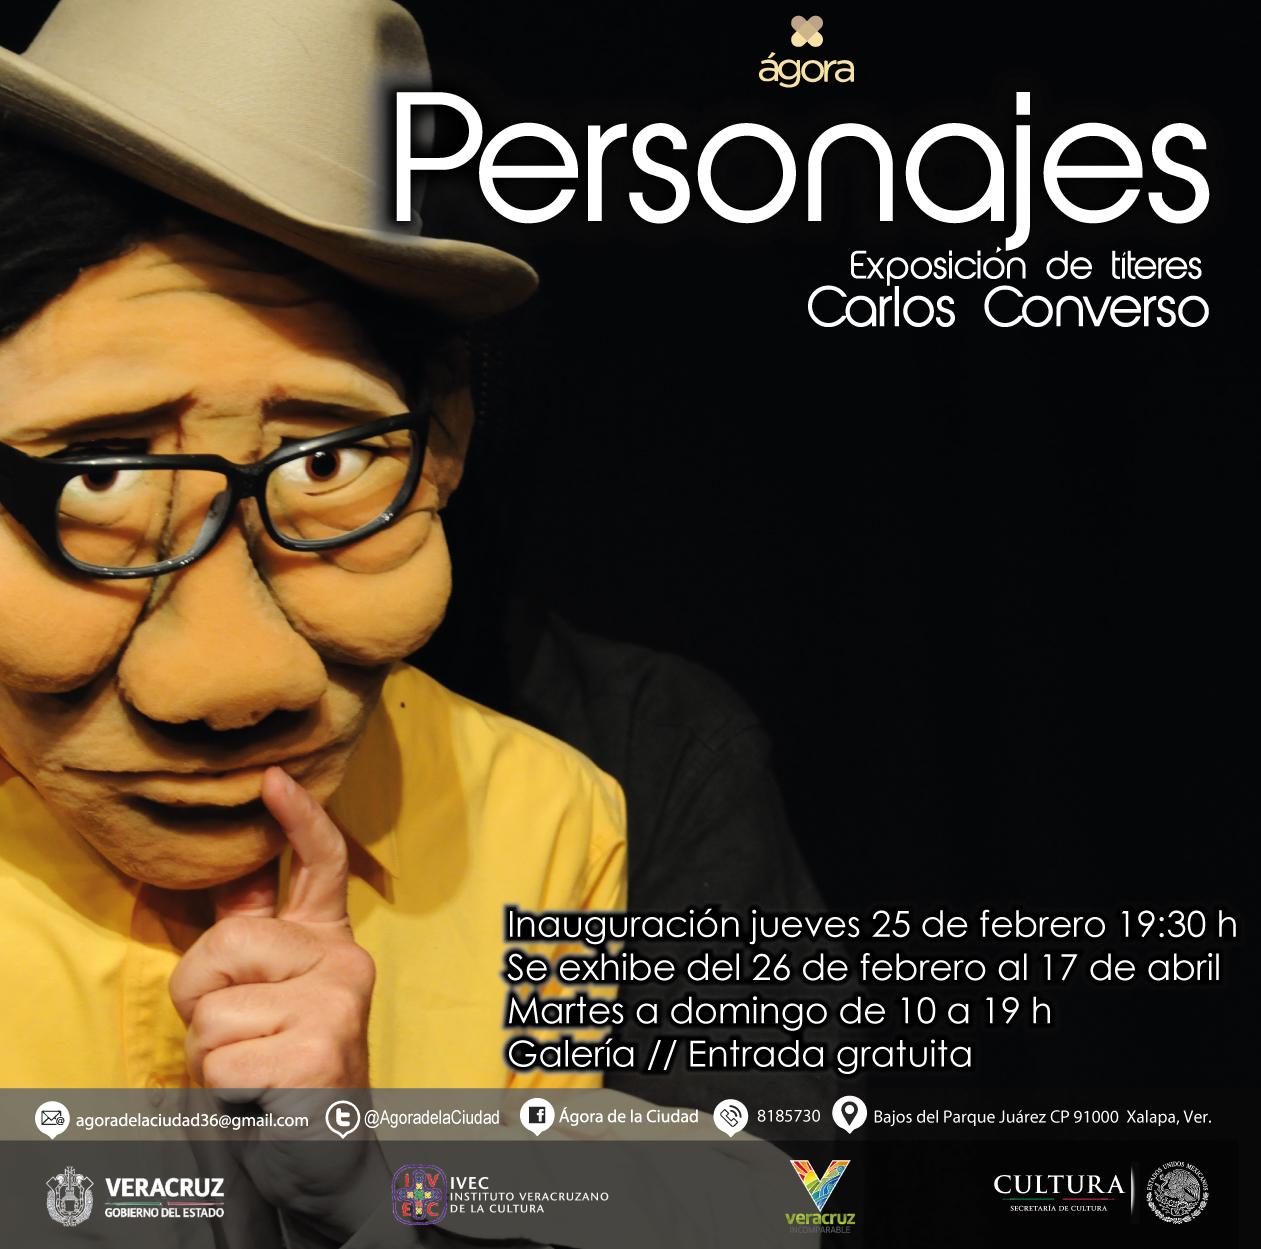 Inaugura IVEC exposición Personajes de Carlos Converso, en el Ágora